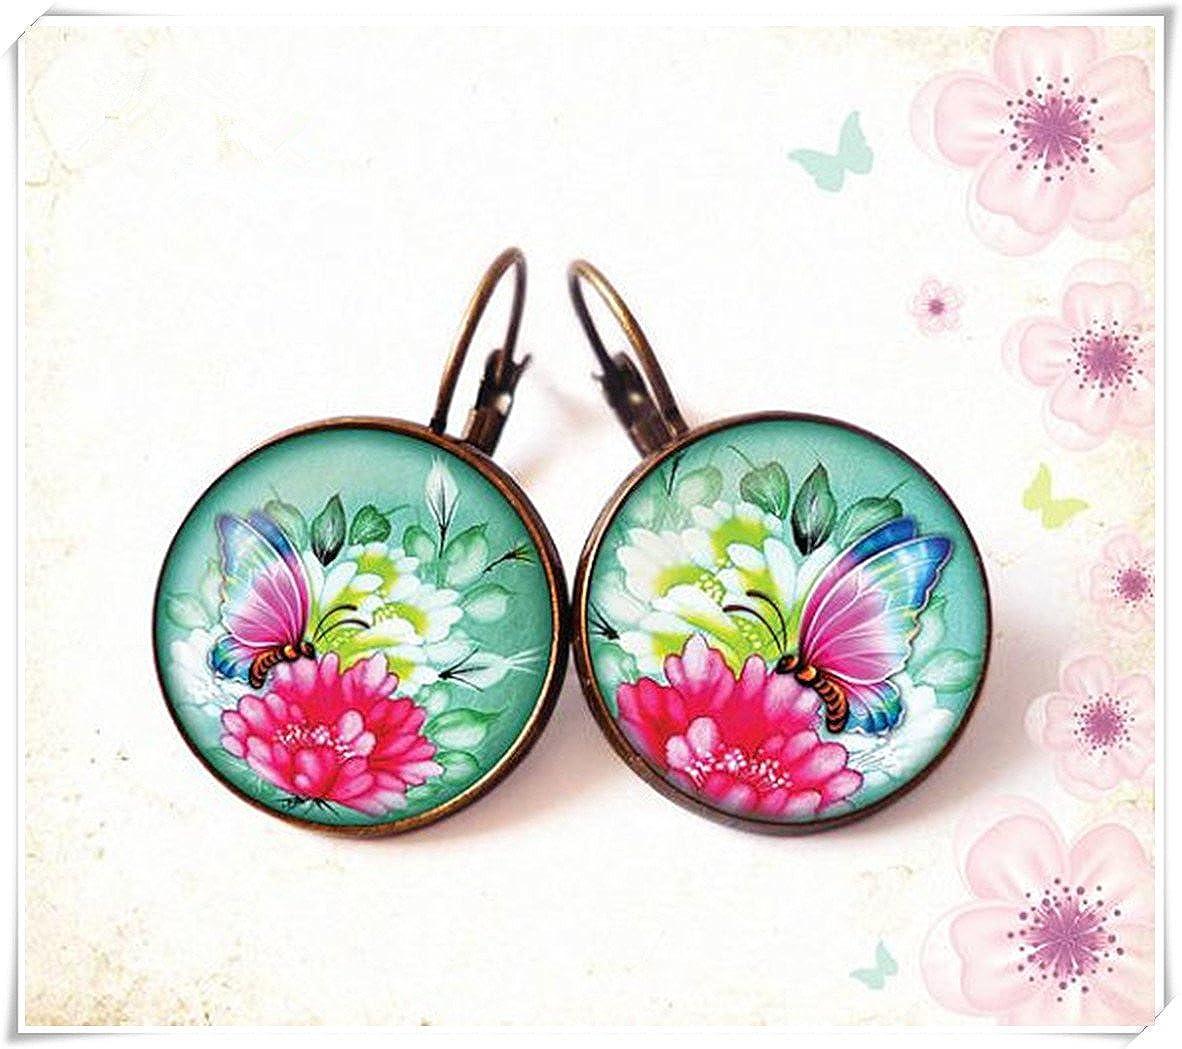 Elf House Pendientes de tuerca de cabujón con diseño de mariposa sobre flores, color rosa turquesa y cúpula de cristal, hechos a mano